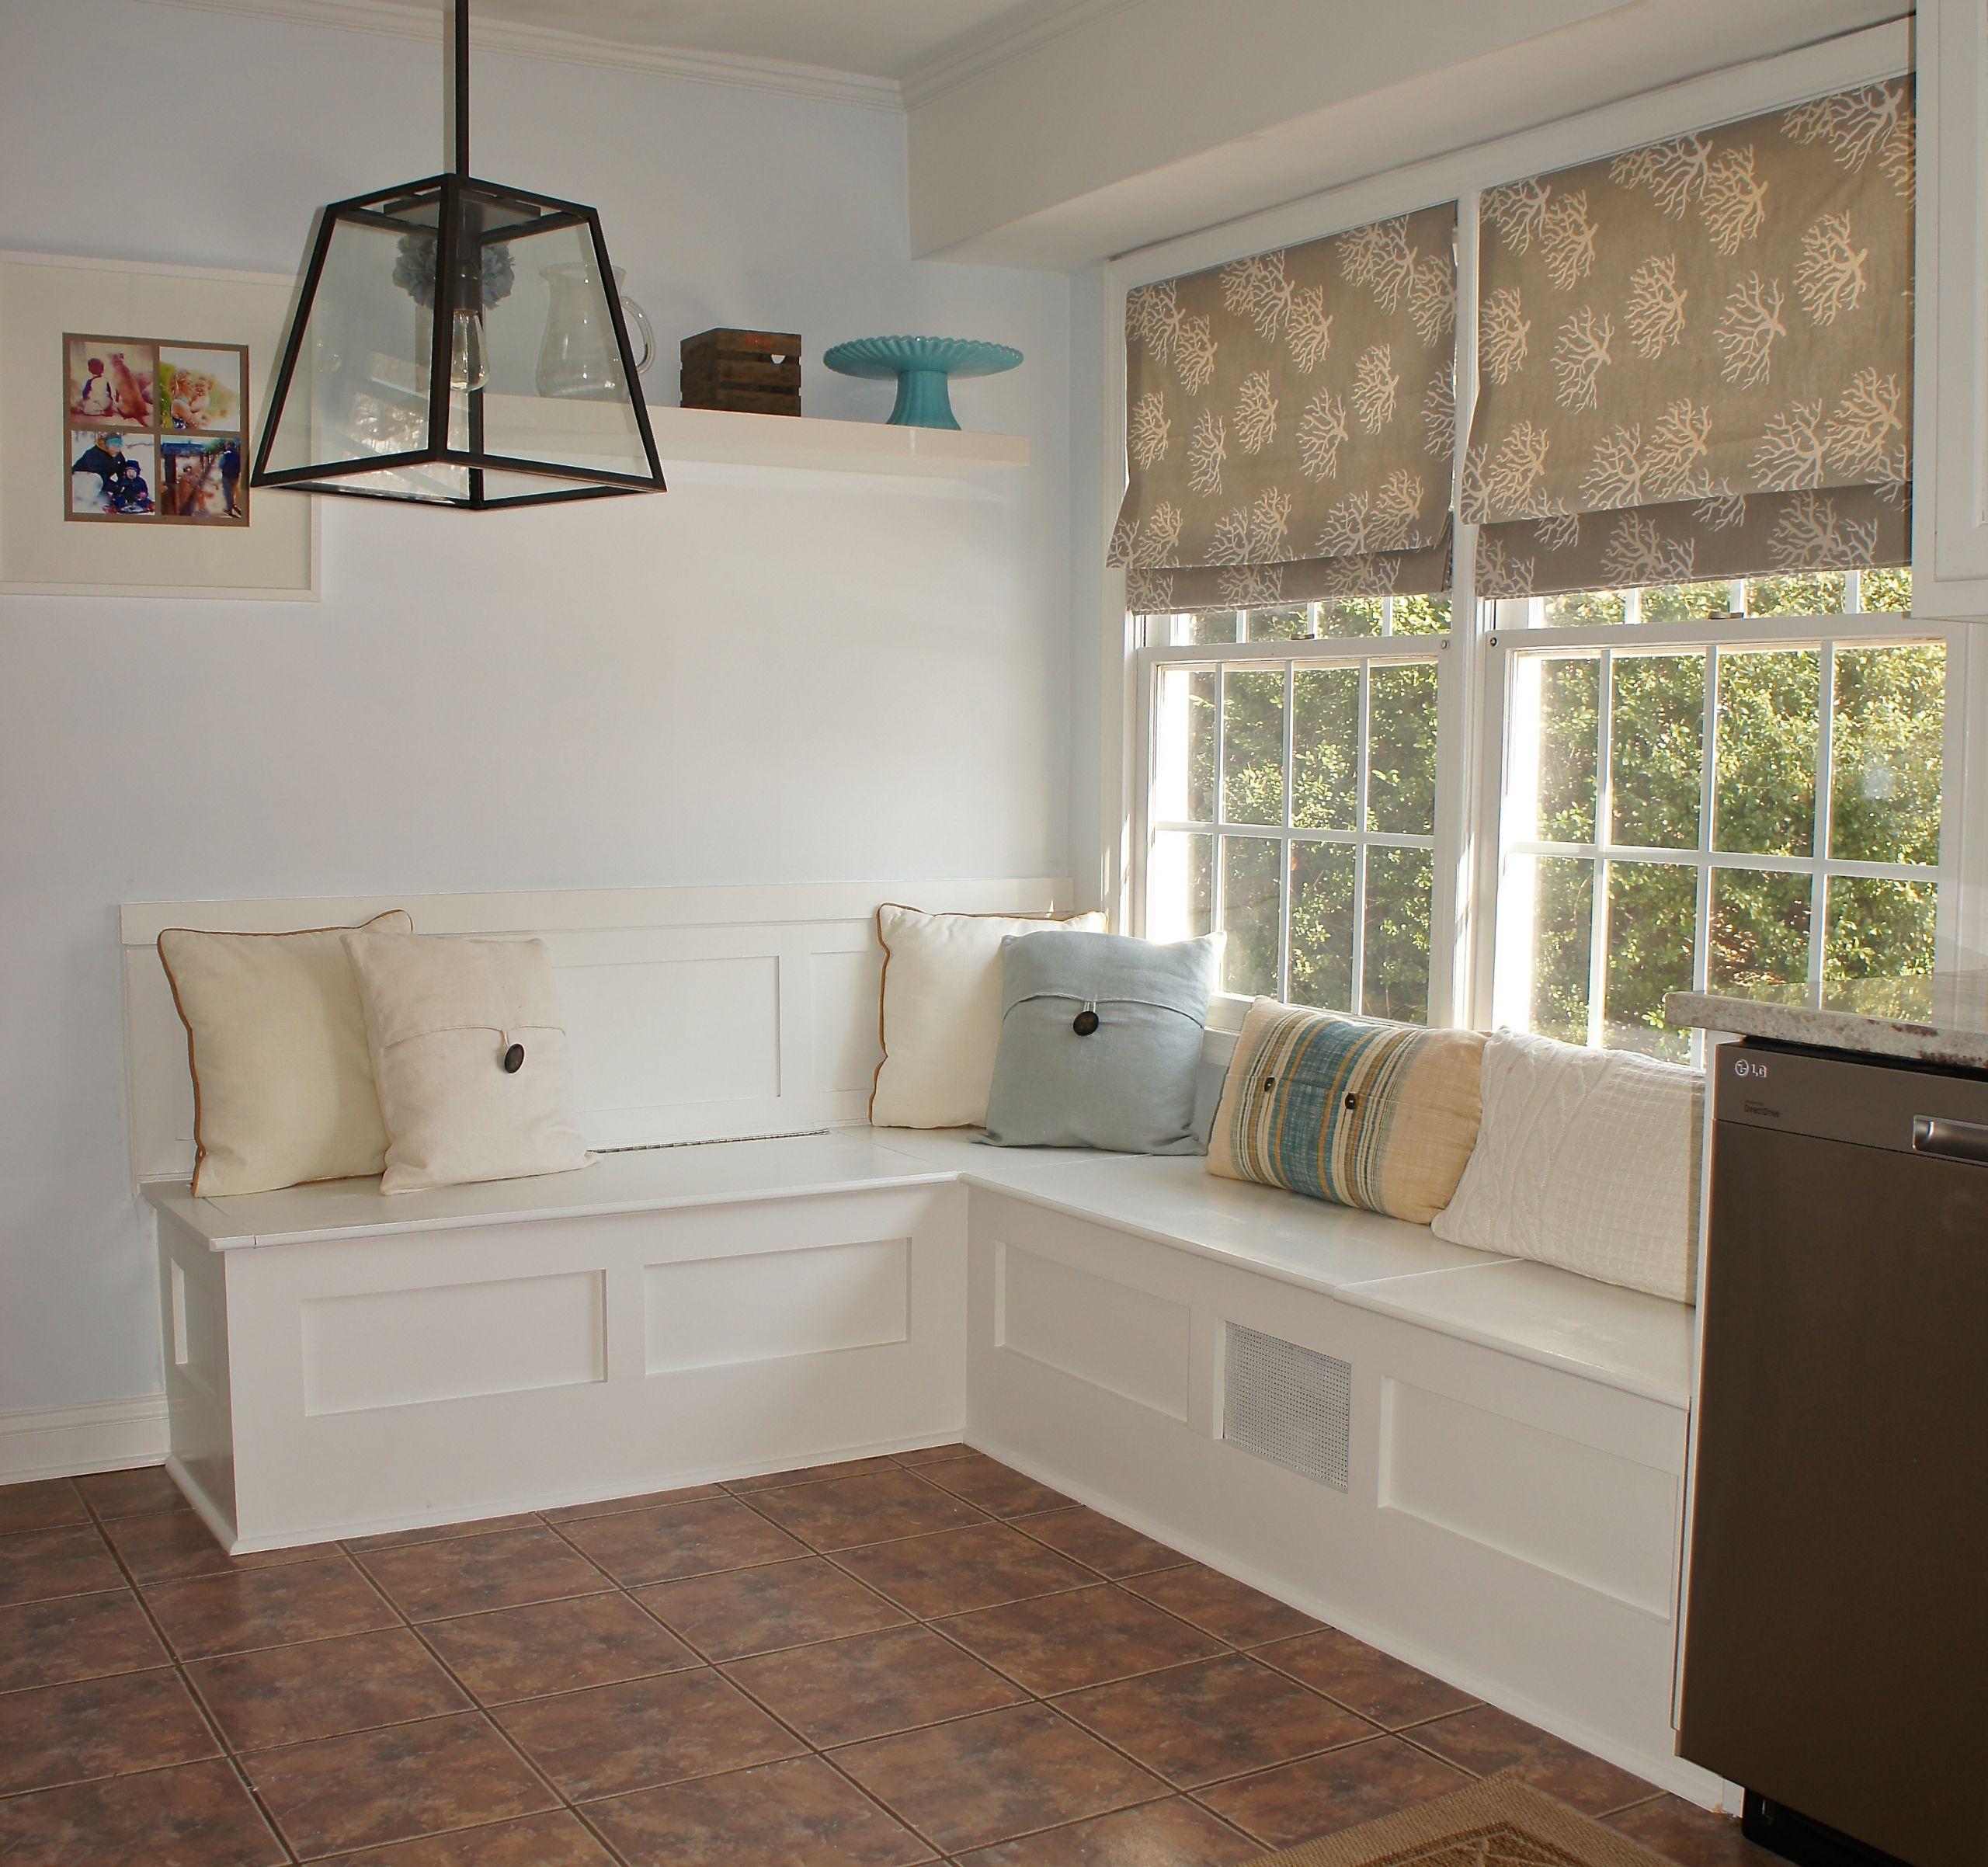 Kitchen Nook Bench With Storage  Breakfast Nook Bench